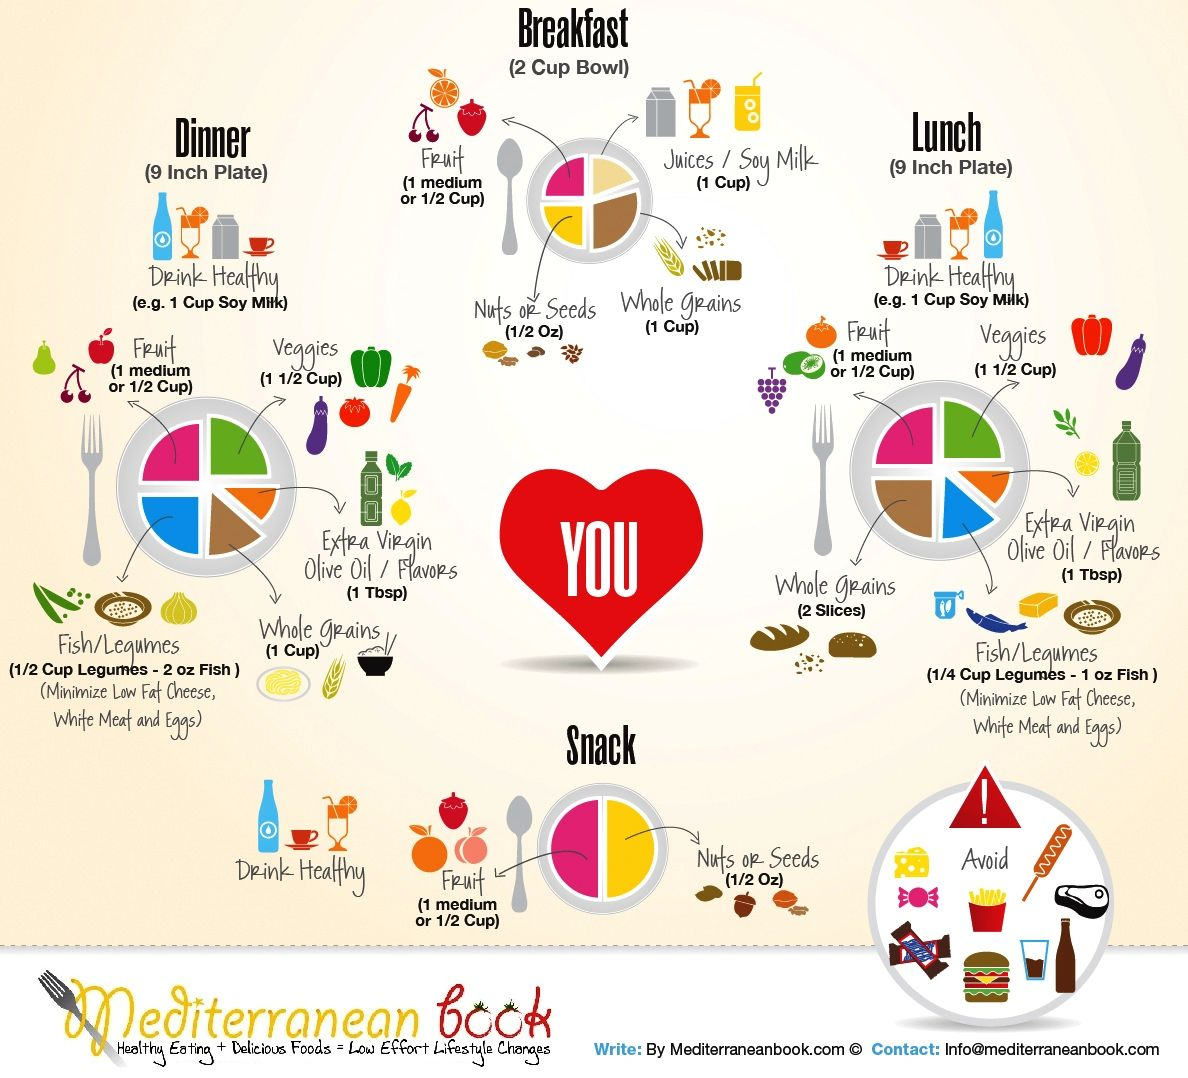 Mediterranean diet healthy alternatives pinterest for Mediterranean menu